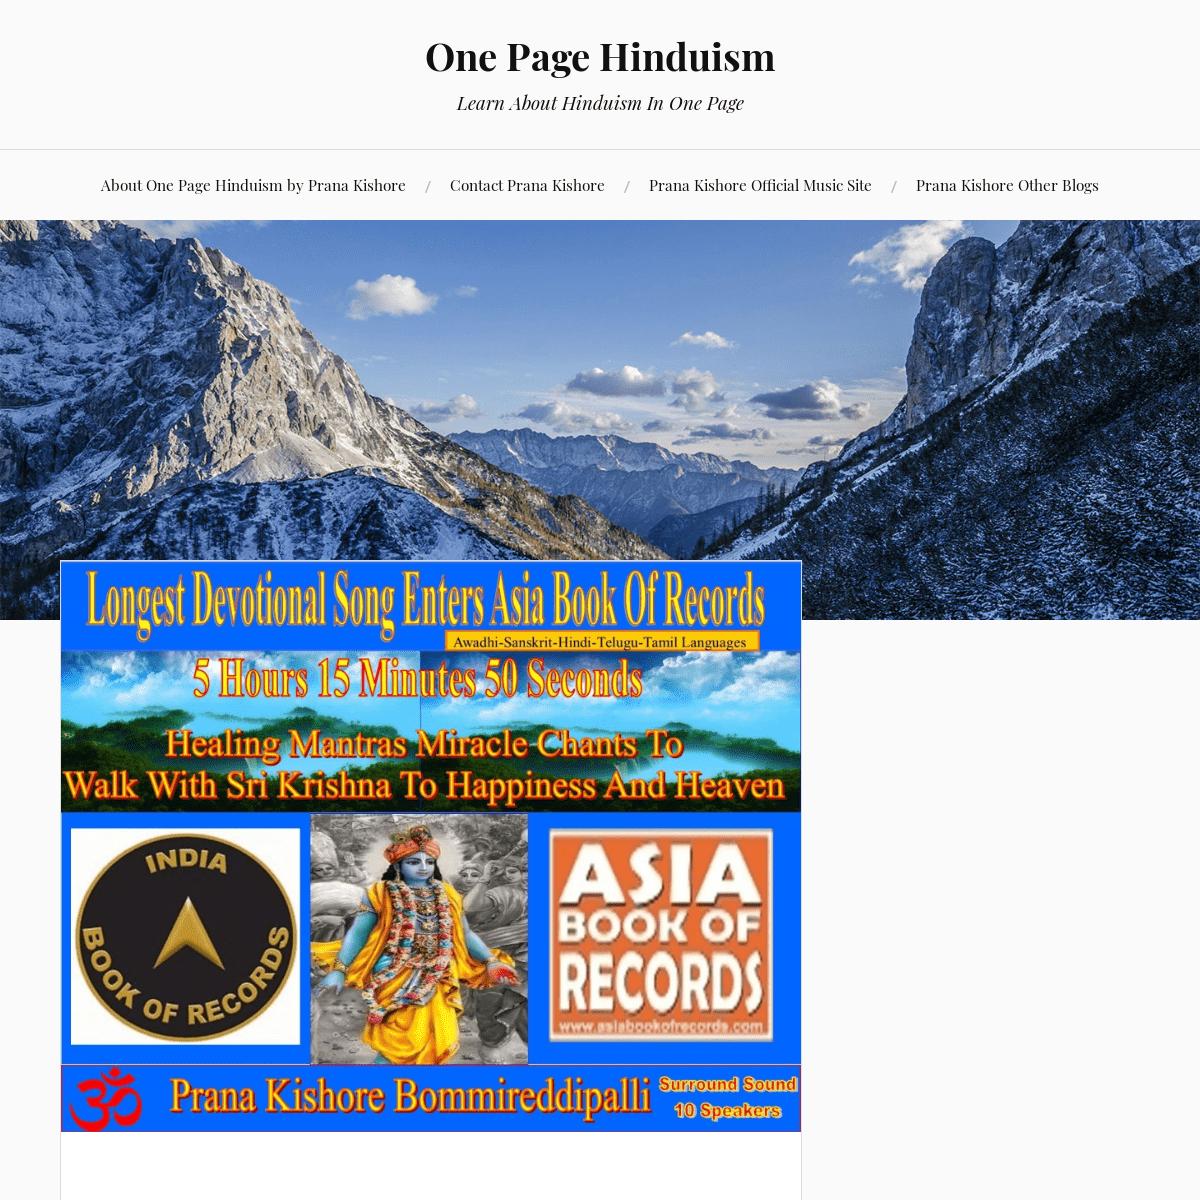 ArchiveBay com - Citation for: onepagehinduism wordpress com